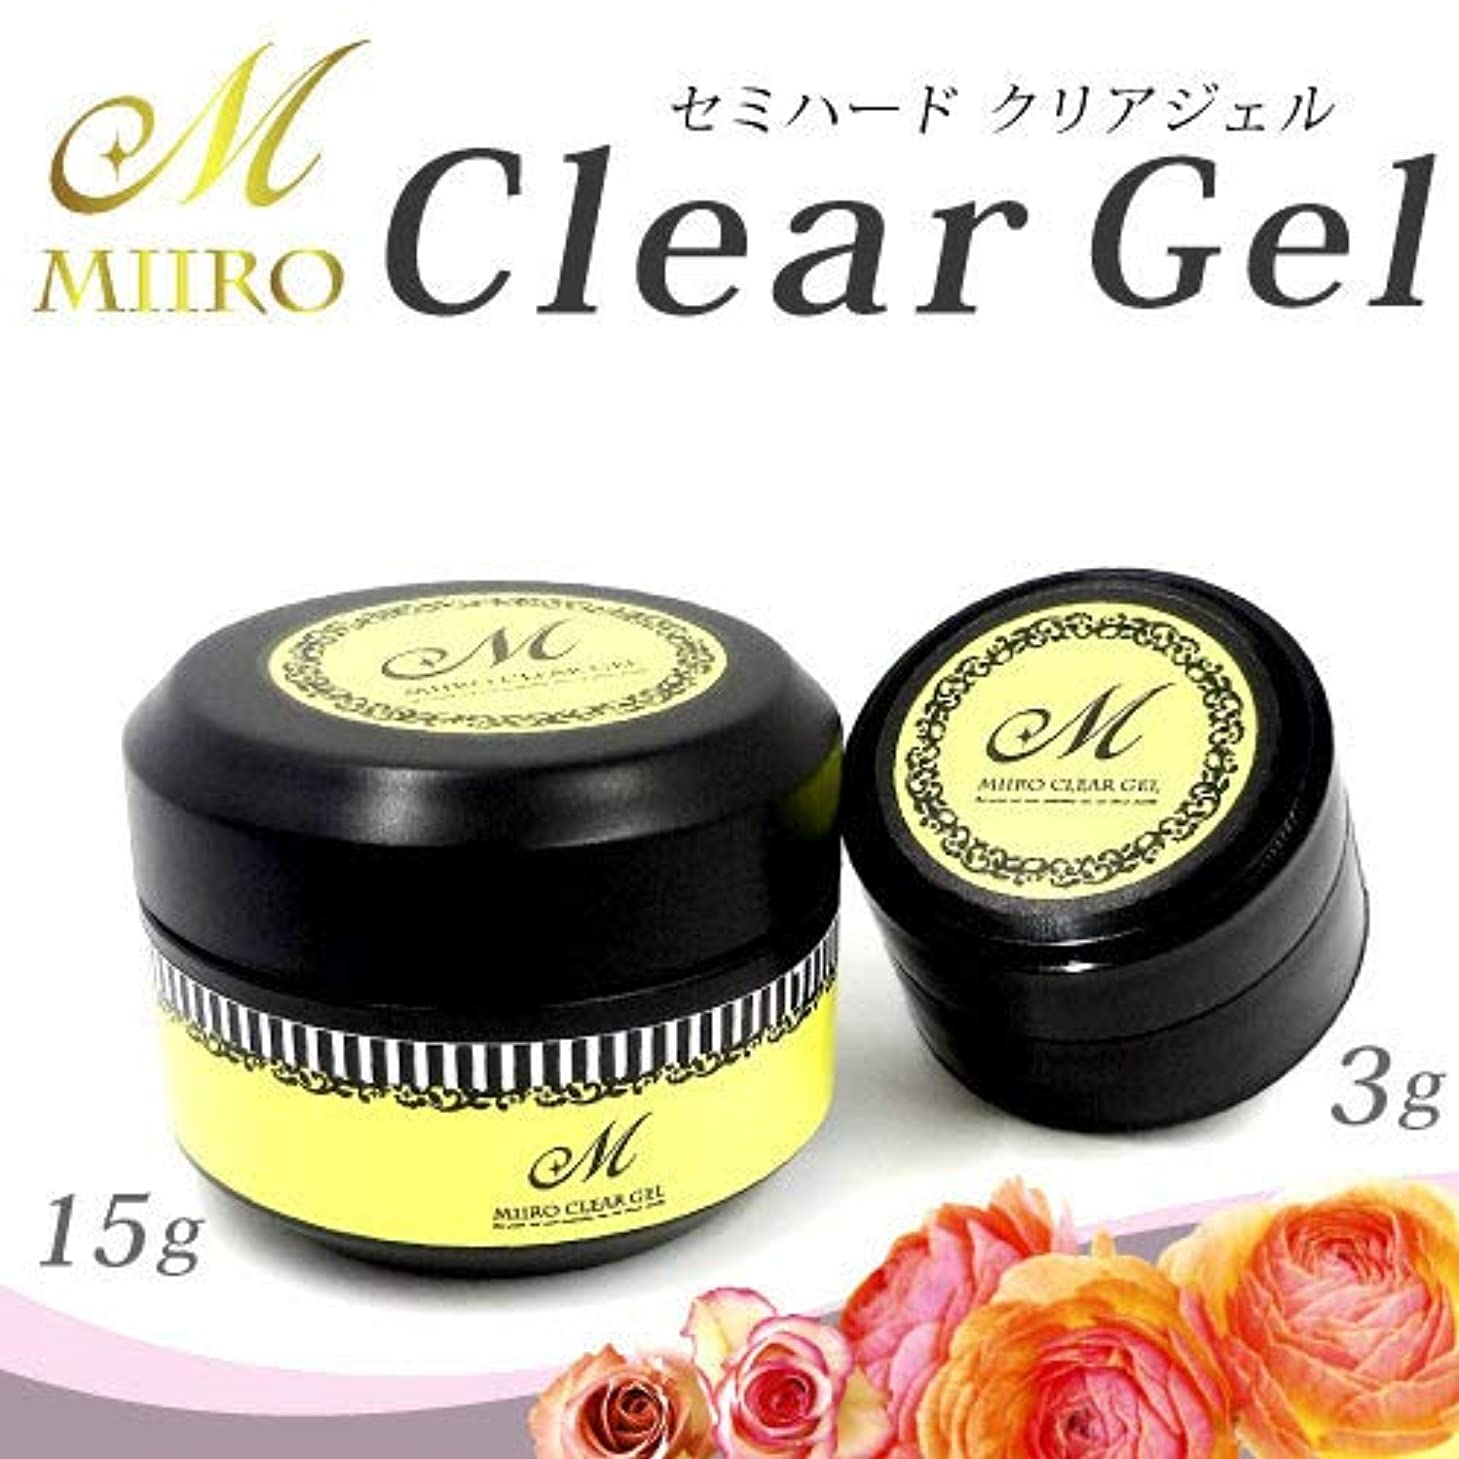 セミハードクリアジェル 美色 Miiro(15g)UV&LED対応 (宅配便発送のみ)